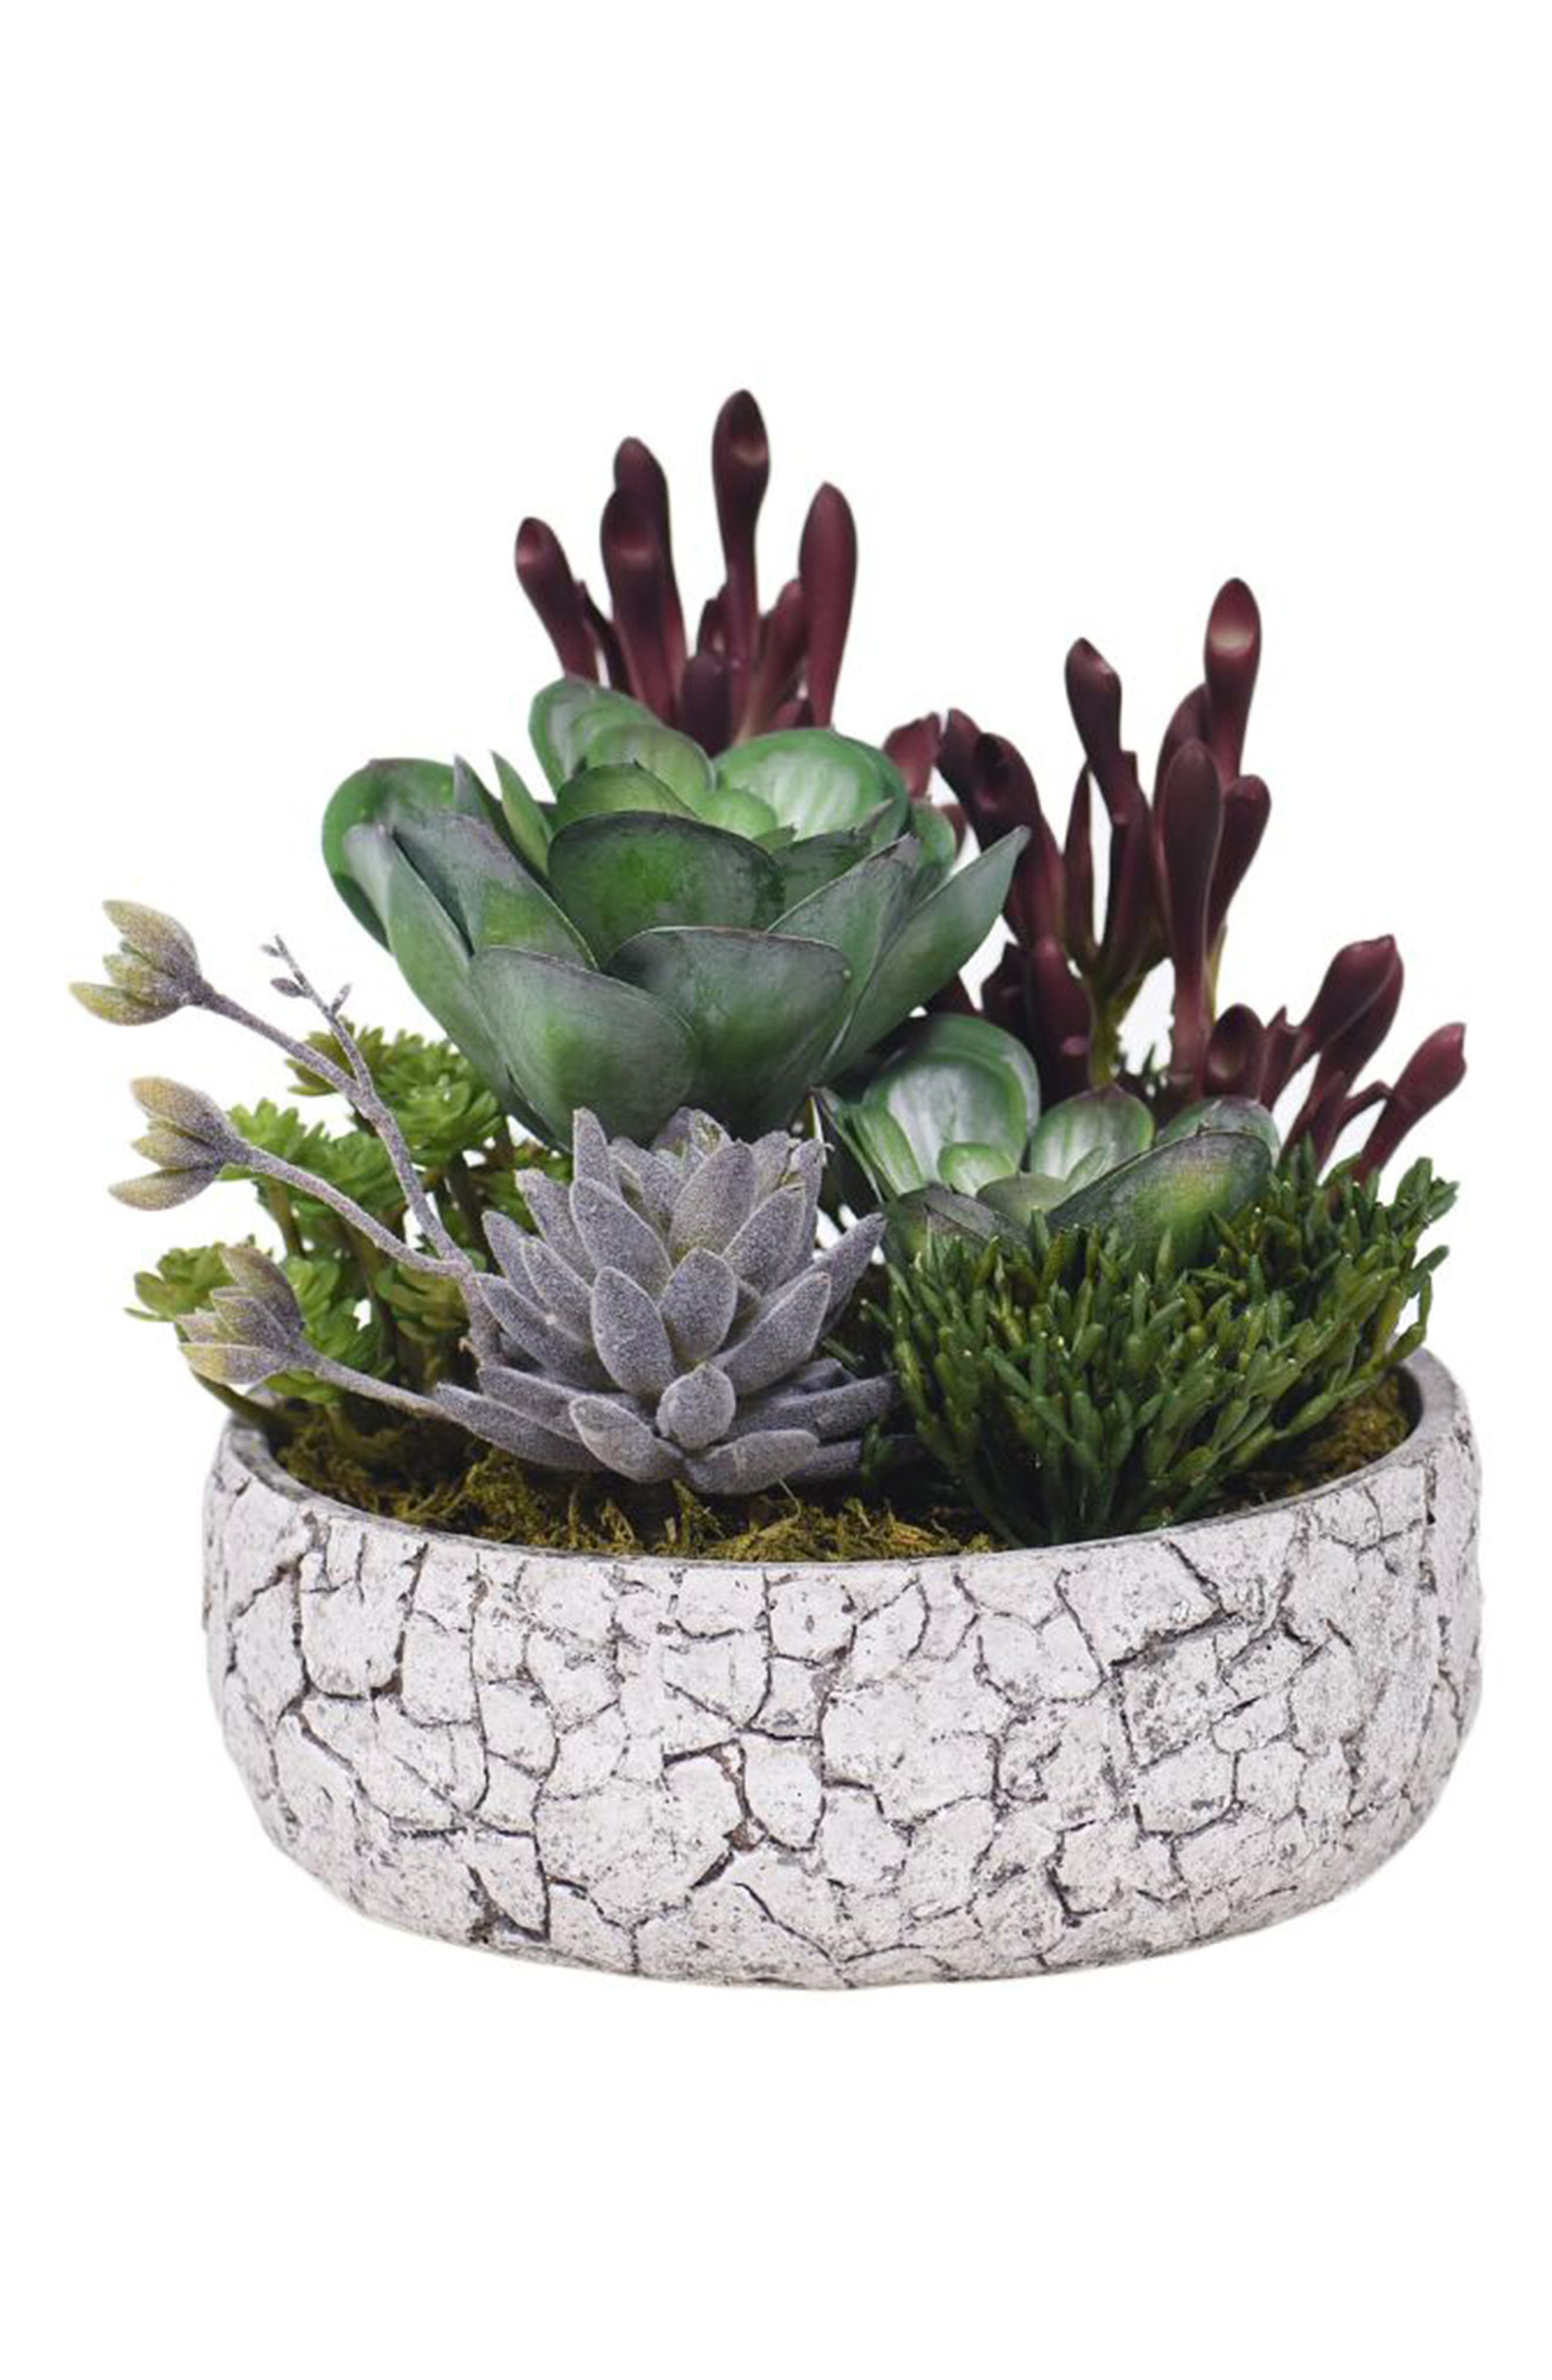 Rustic Succulent Arrangement Planter Decoration, Main, color, GREEN